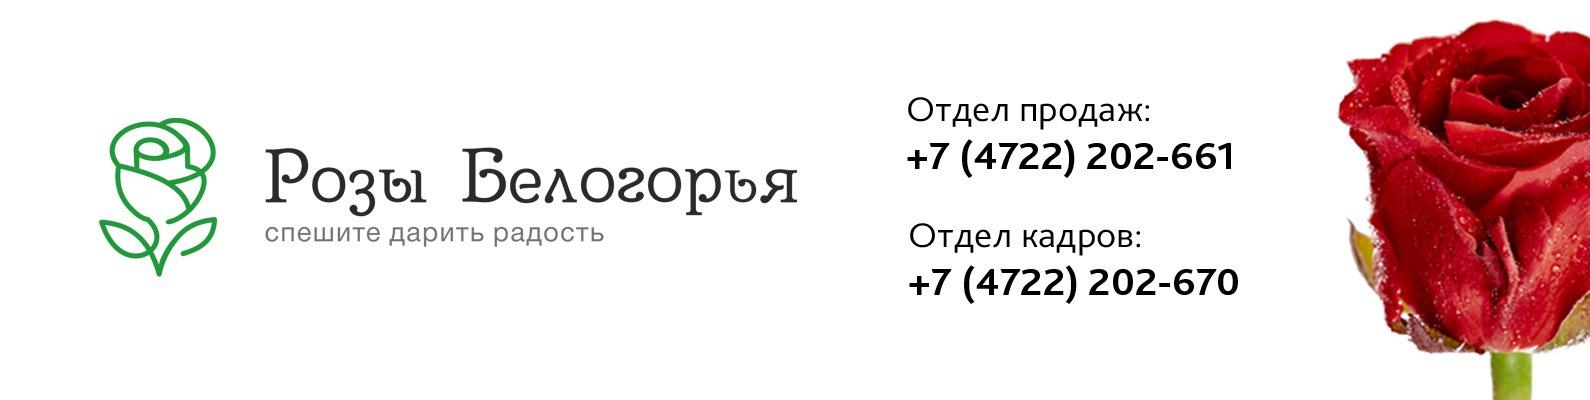 схп теплицы белогорья официальный сайт